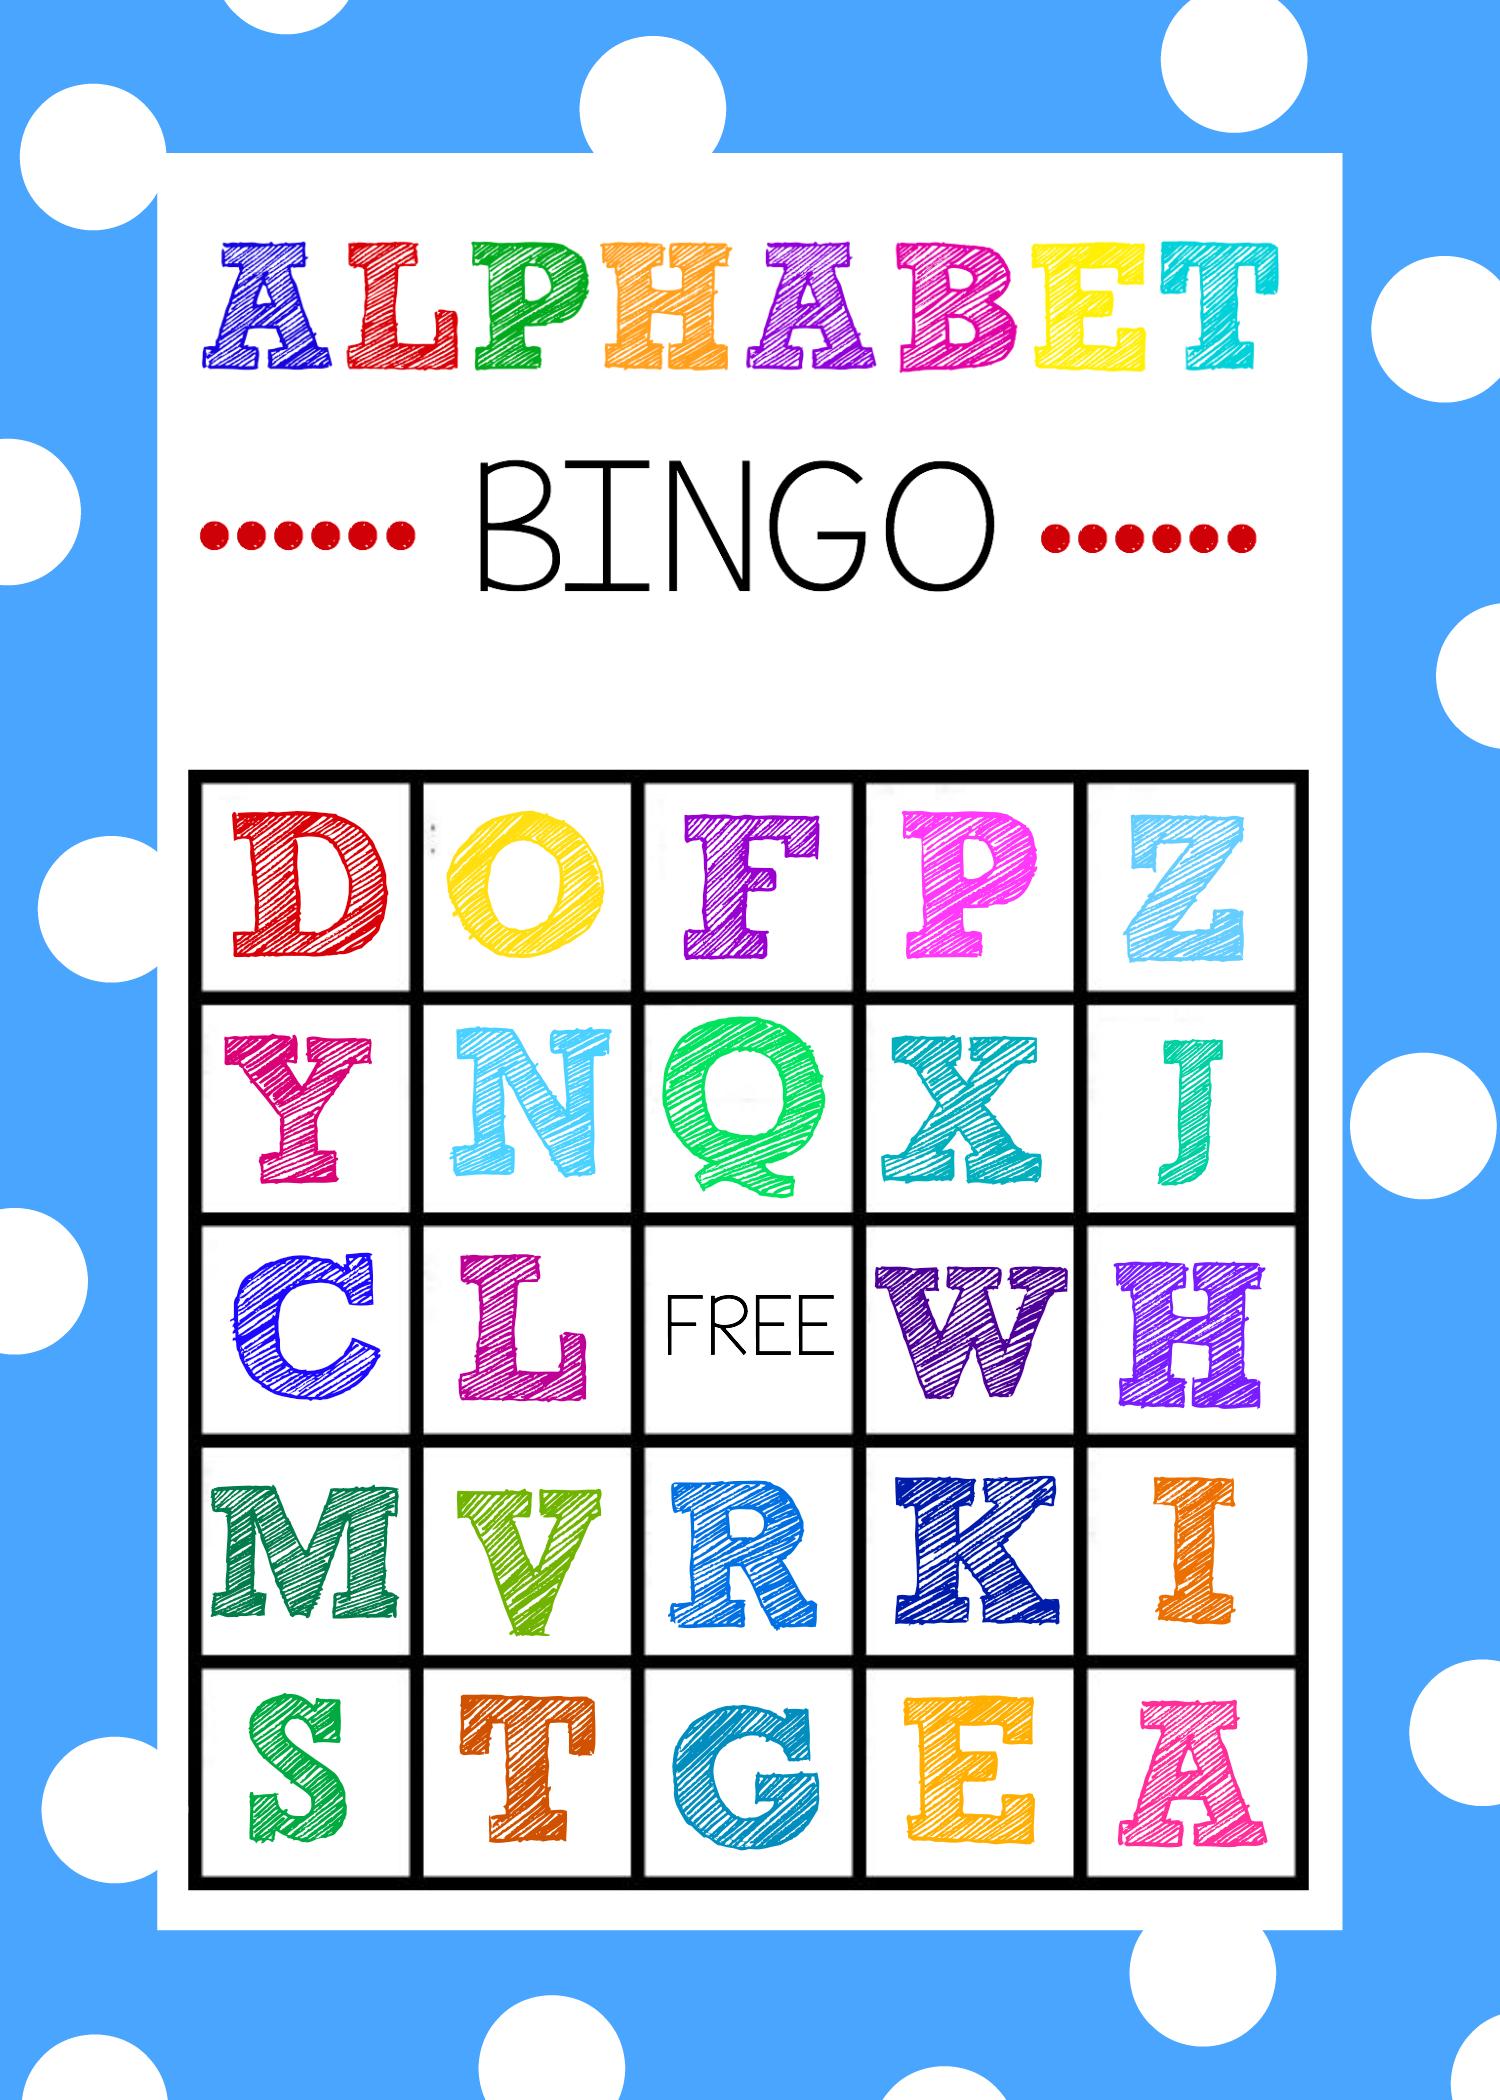 Free Printable Alphabet Bingo Game - Abc Printables Free